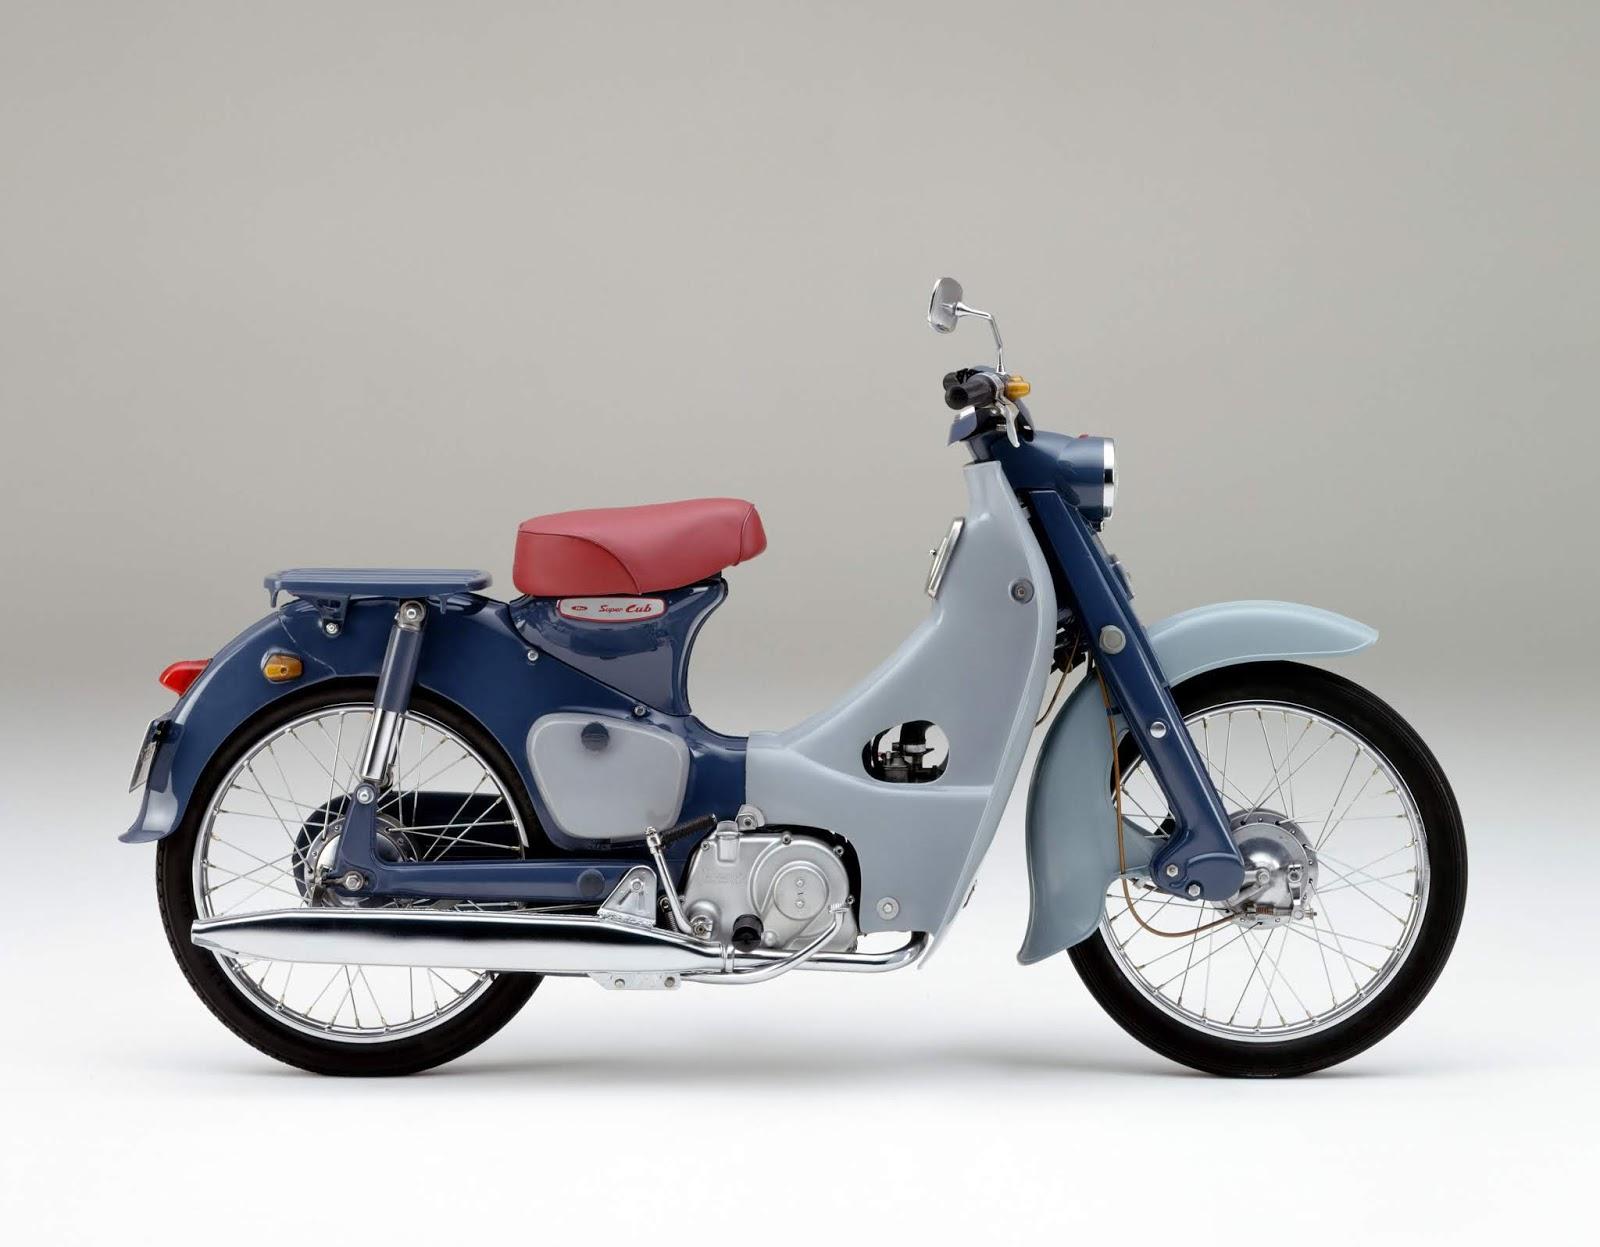 Το ρετρό παπί της Honda Super Cub C125 διατίθεται στην τιμή των 3,990€